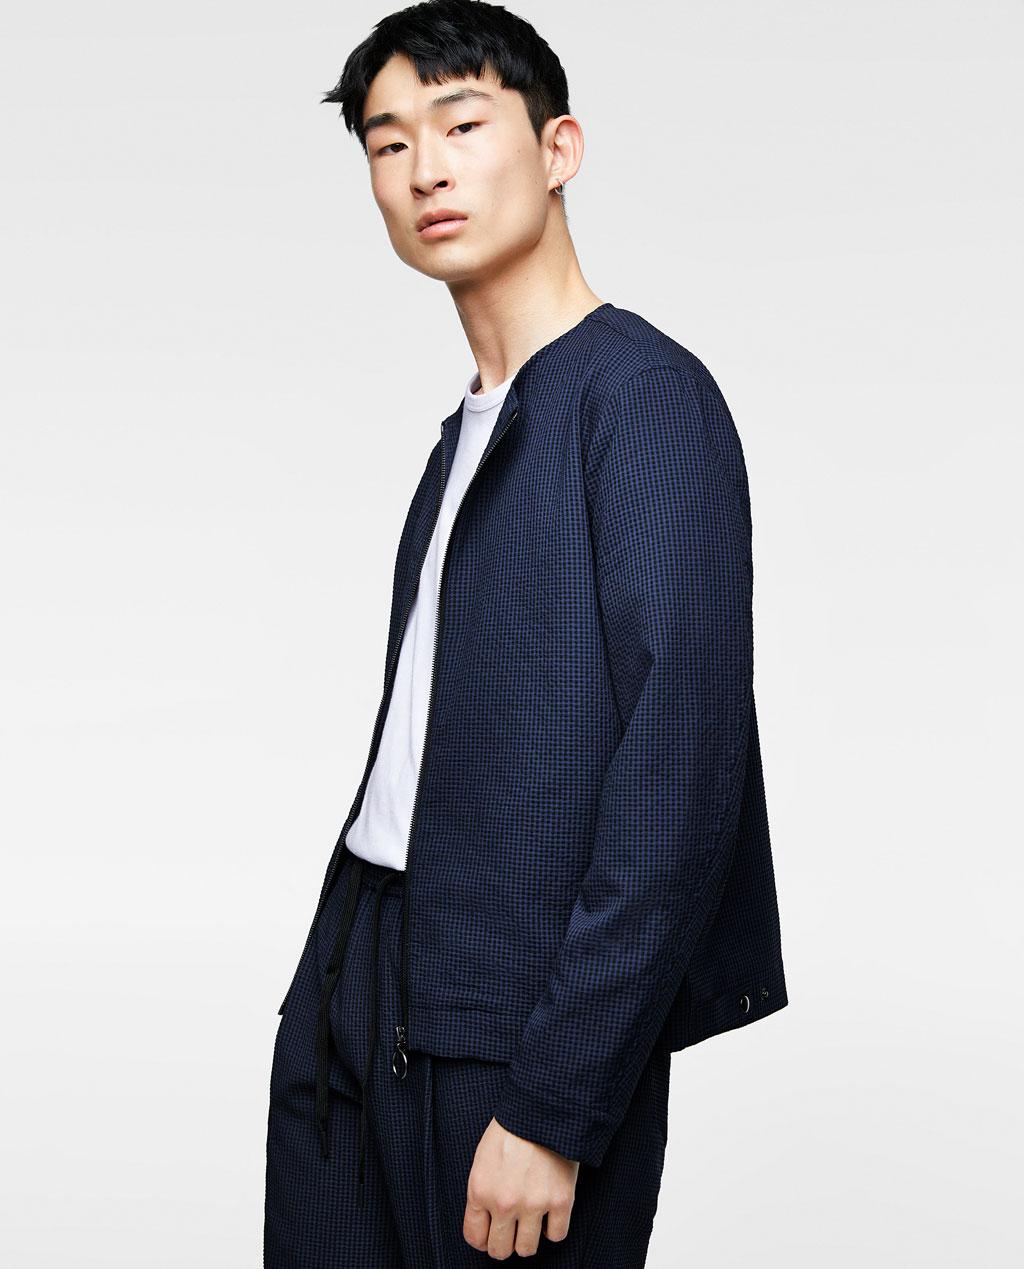 Thời trang nam Zara  24083 - ảnh 8